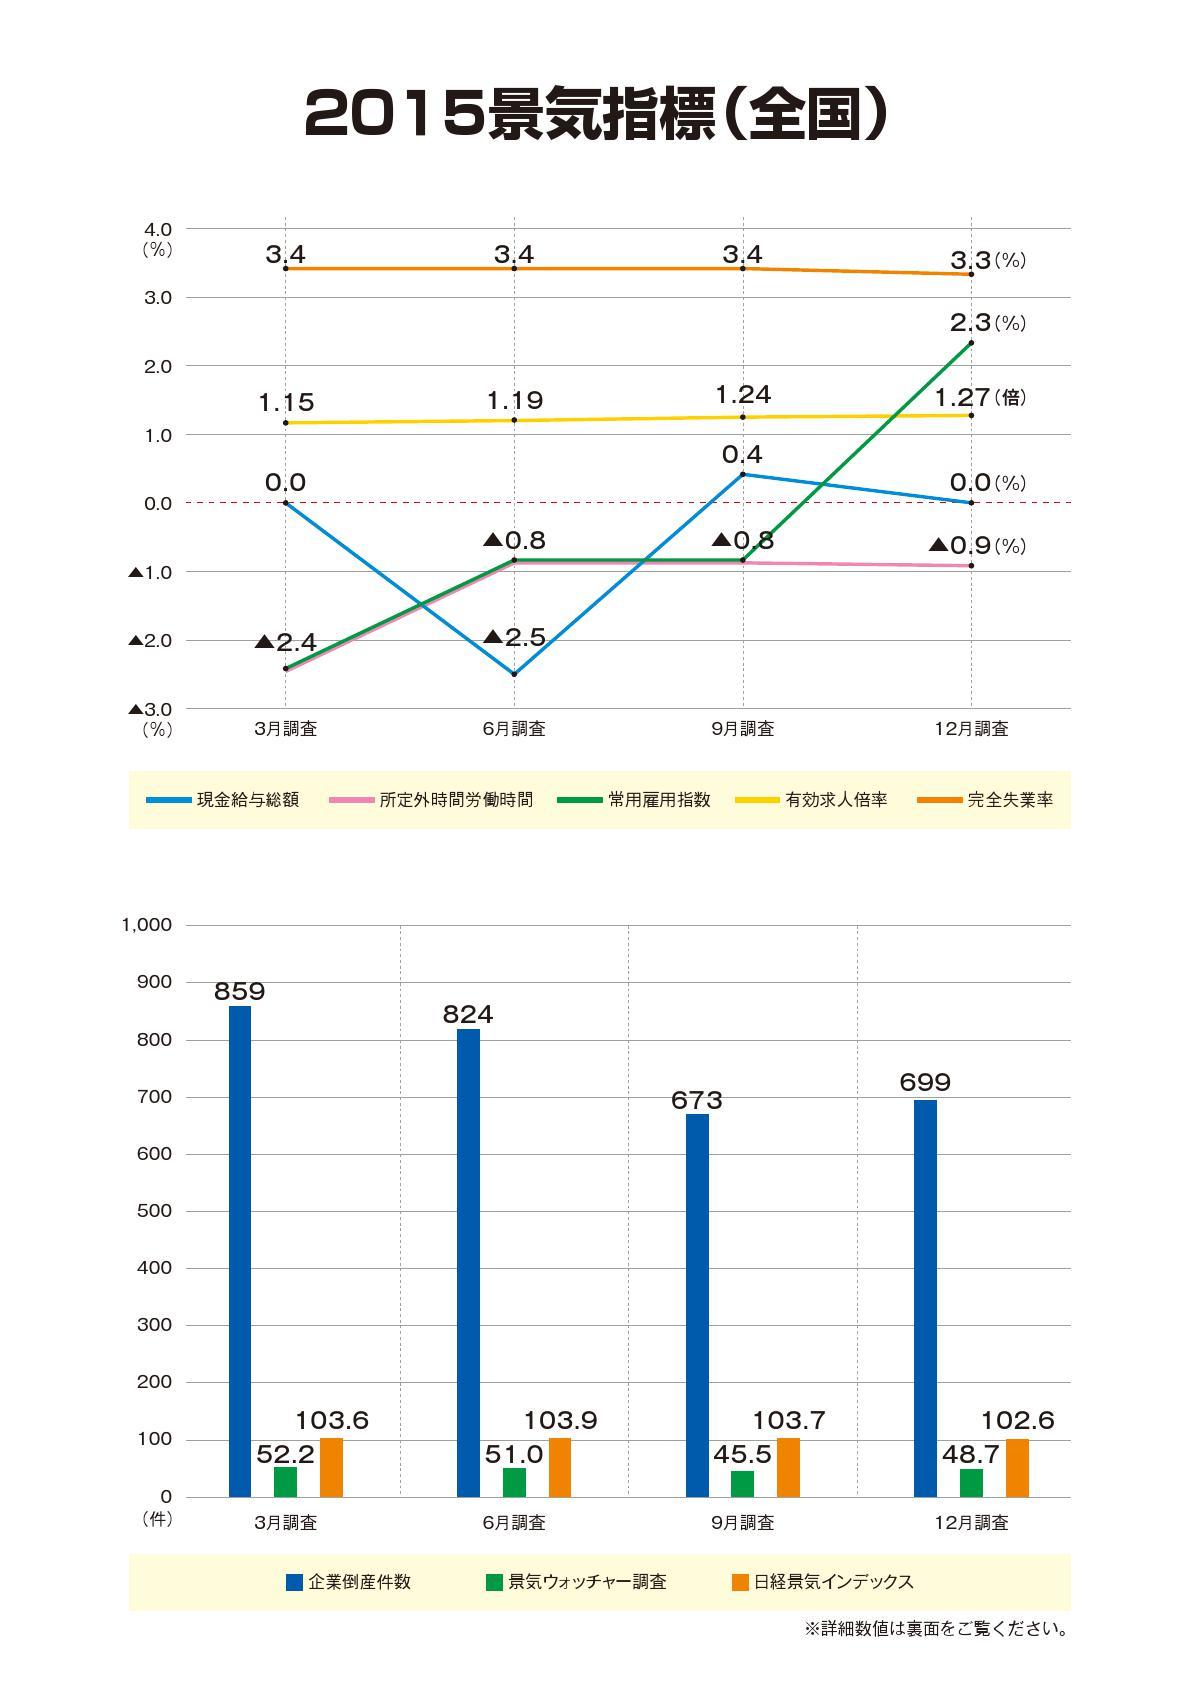 2015景気指標表